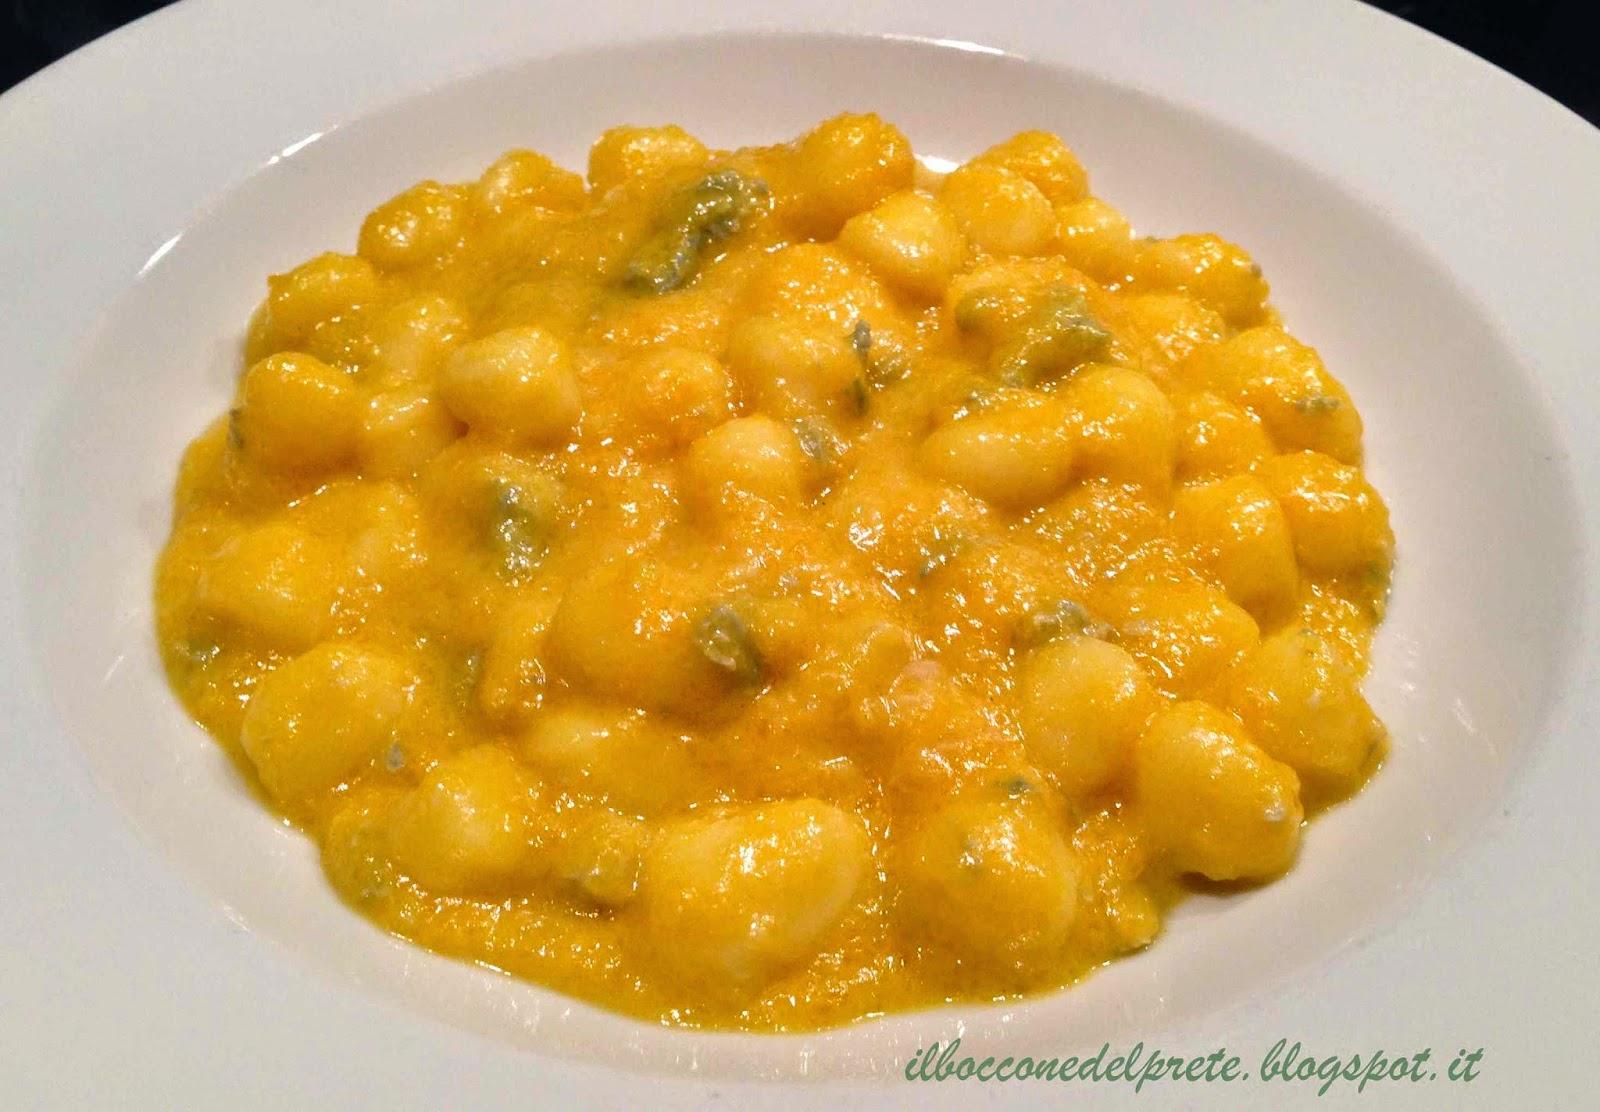 Ricette Gnocchi Con Zucca.Il Boccone Del Prete Gnocchi Con Crema Di Zucca E Gorgonzola